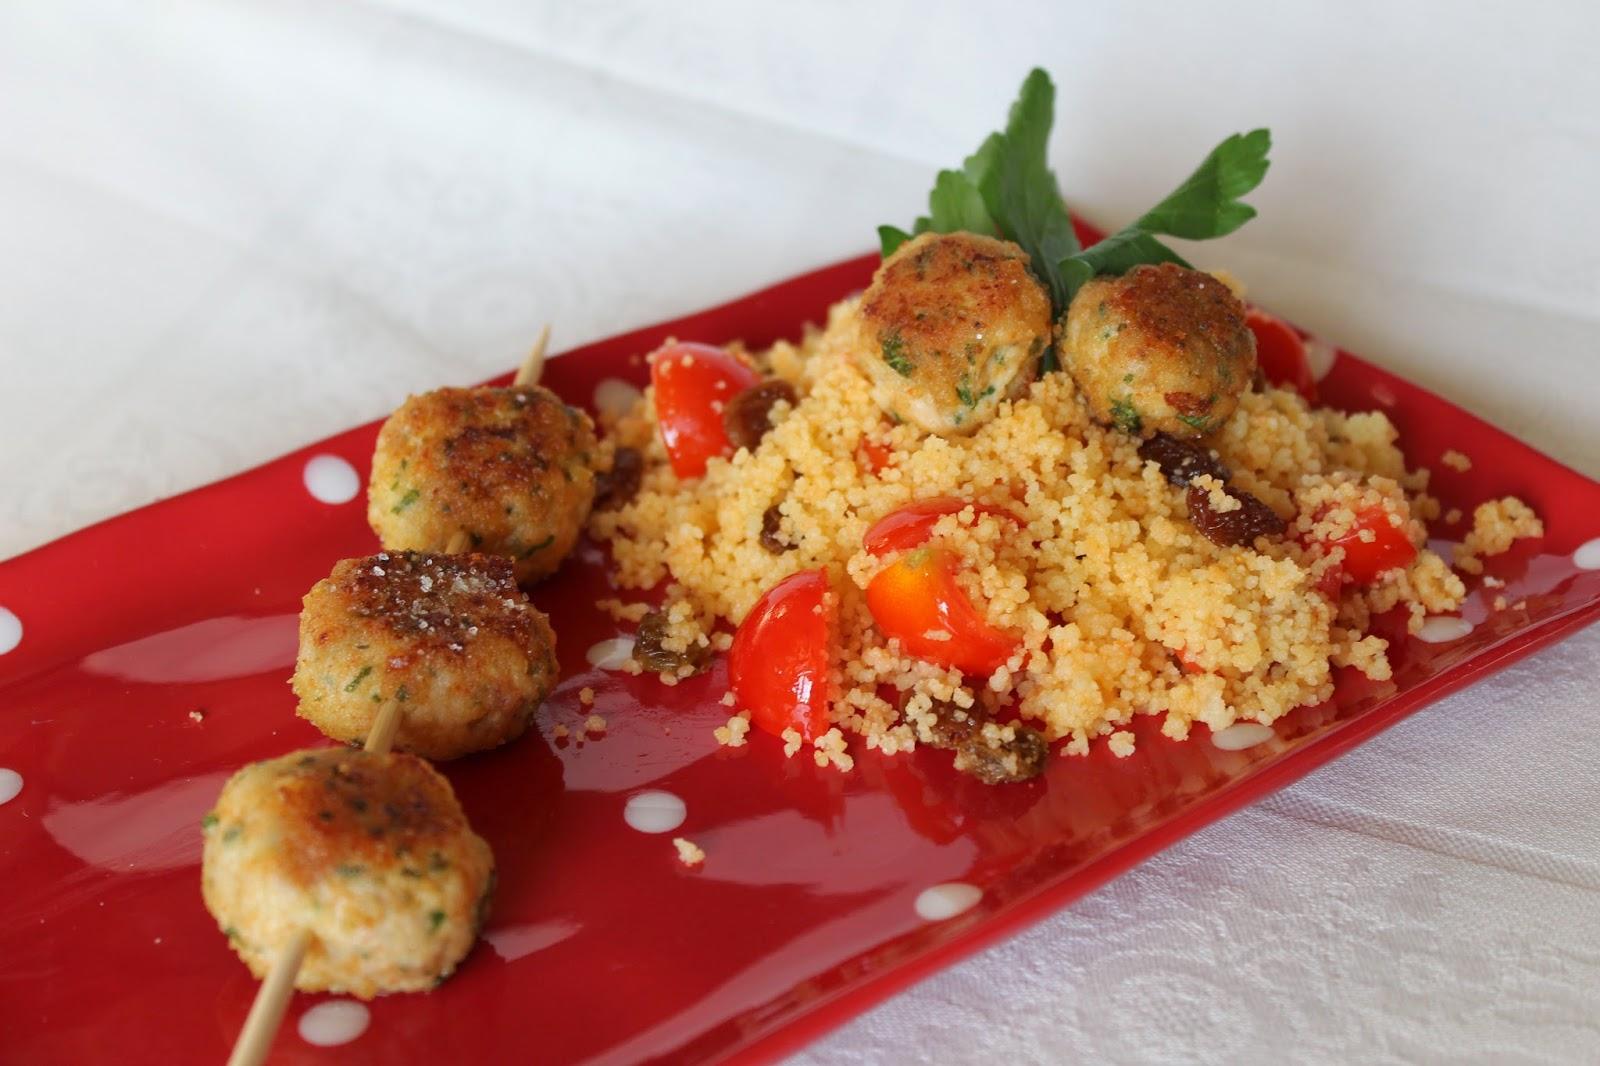 polpettine di pollo alla paprika su couscous agrodolce.